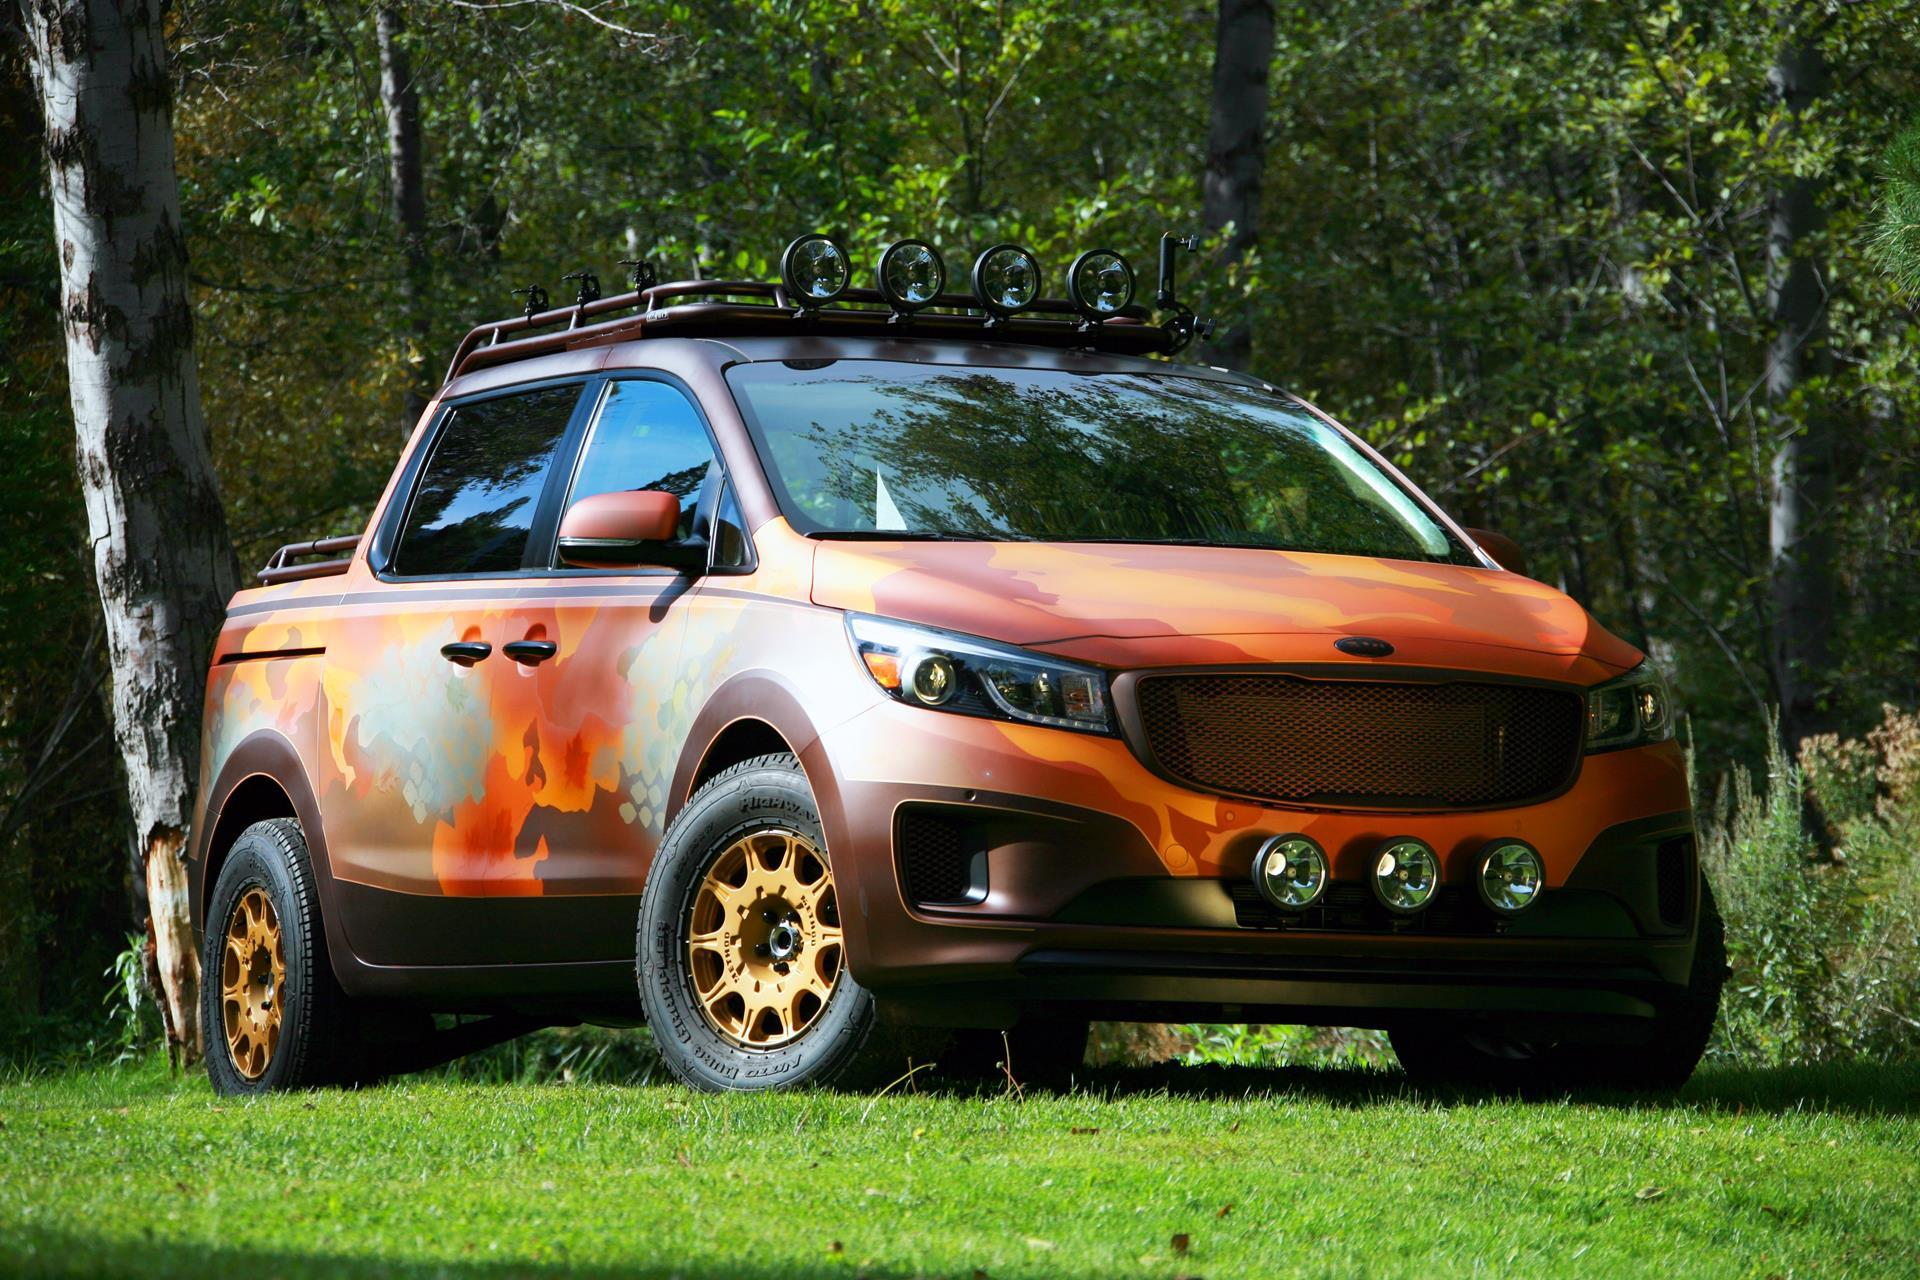 2015 Kia Photo Safari Sedona News and Information